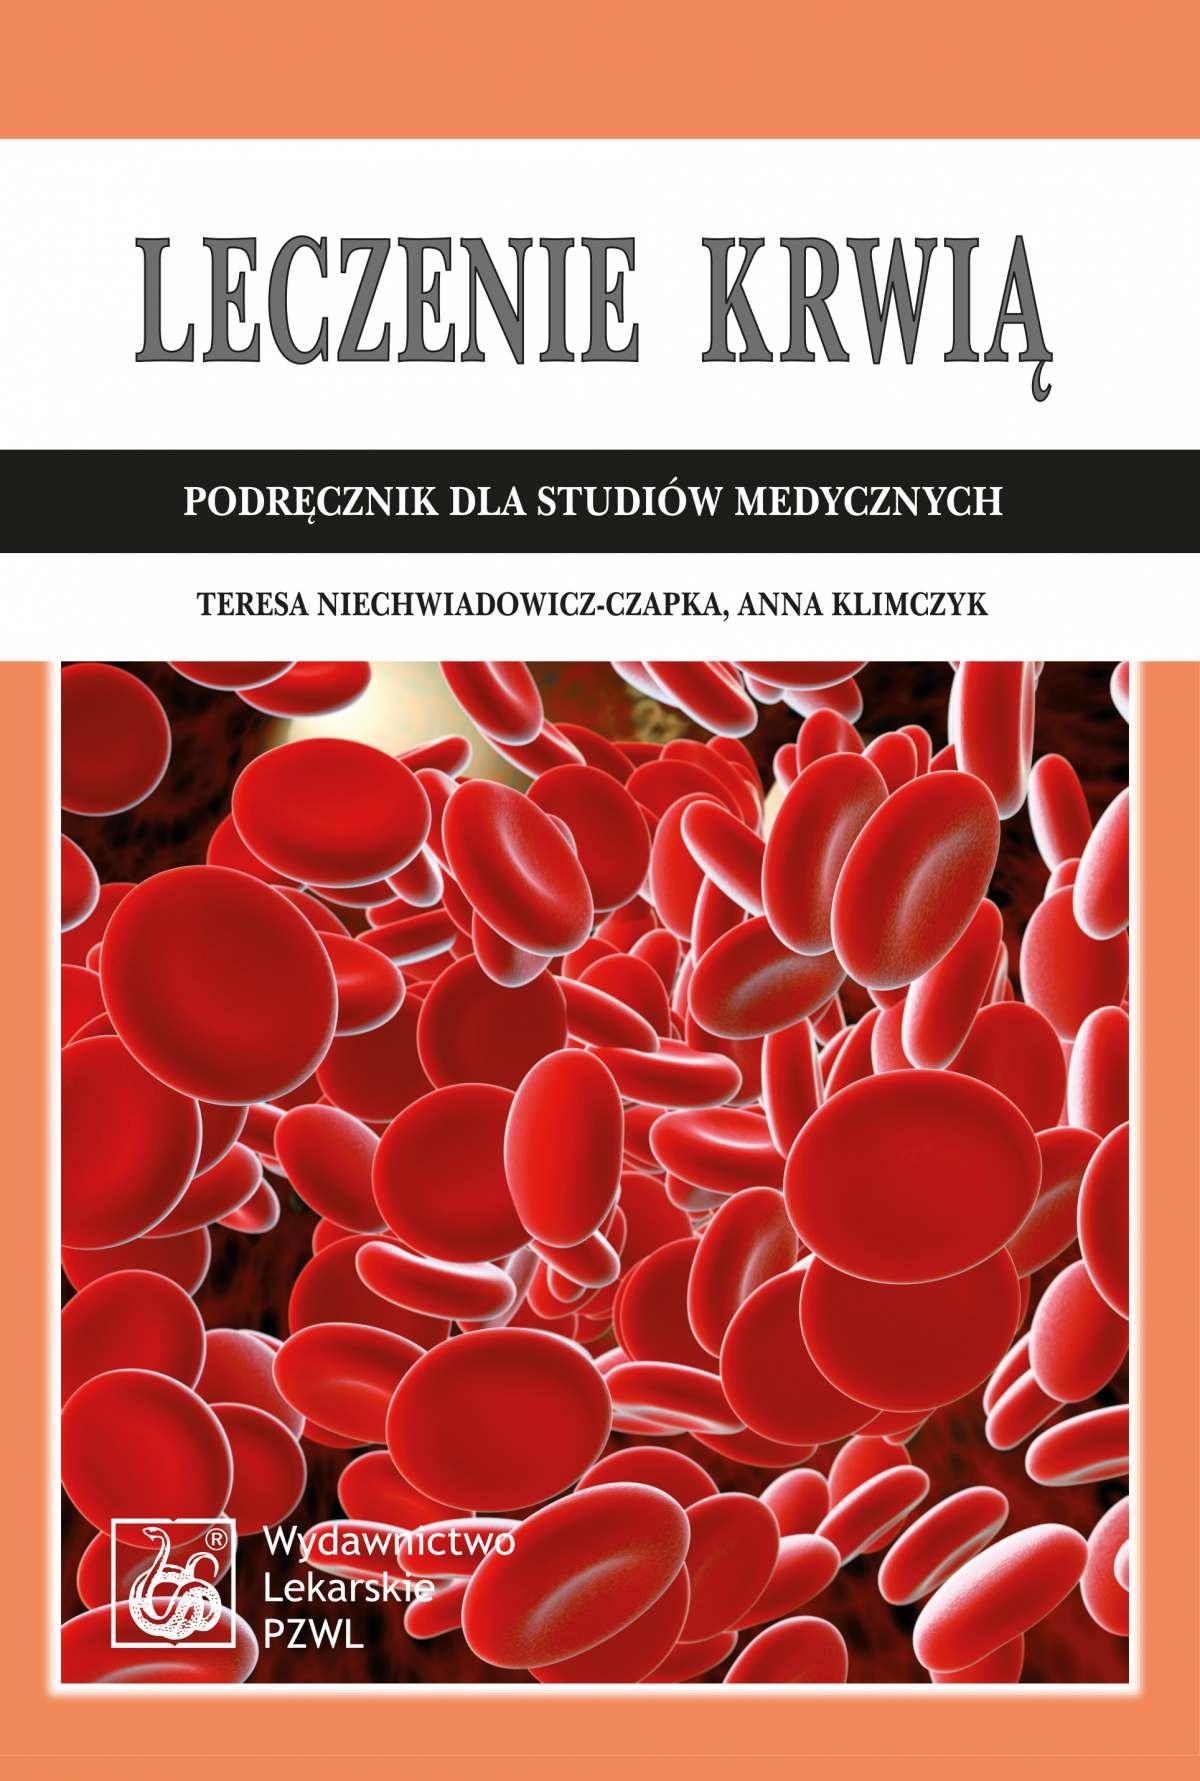 Leczenie krwią - Ebook (Książka na Kindle) do pobrania w formacie MOBI